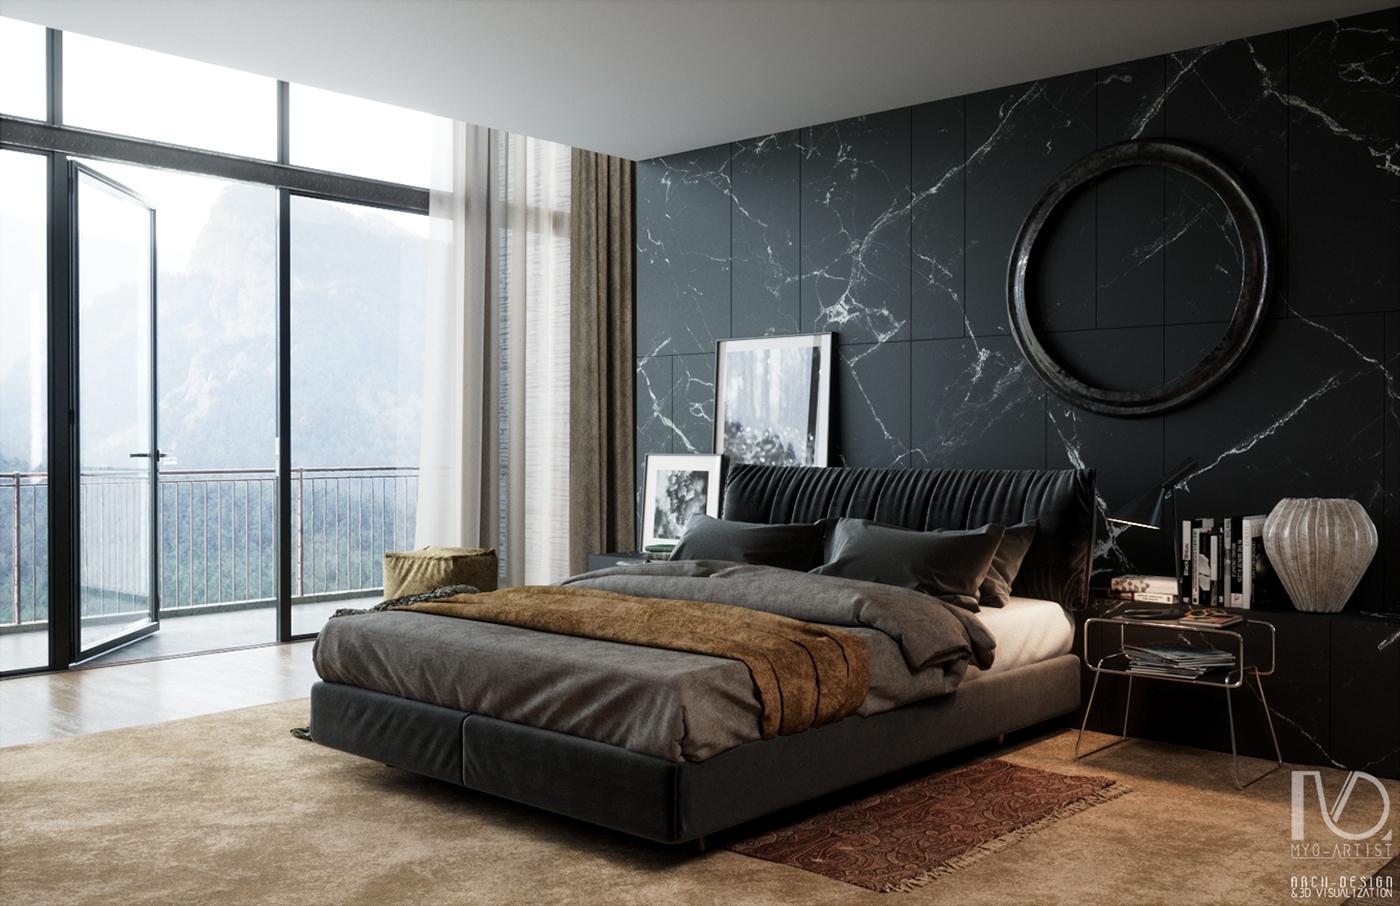 Myo Master Bedroom AN7 on Behance